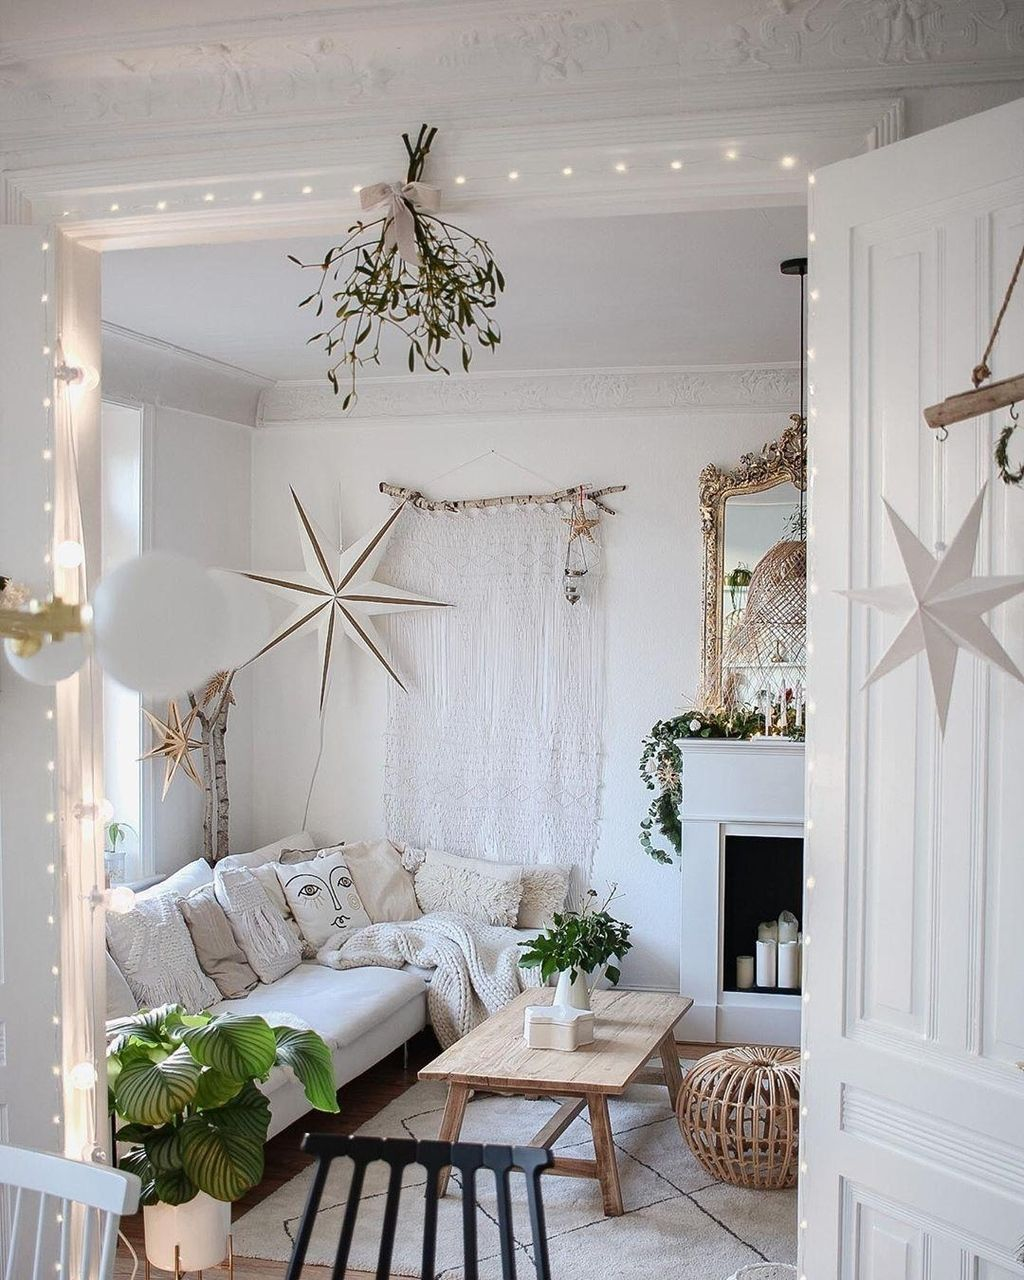 Weihnachtsdeko für's Wohnzimmer mit Mistelzweig, Lichterketten & Co.